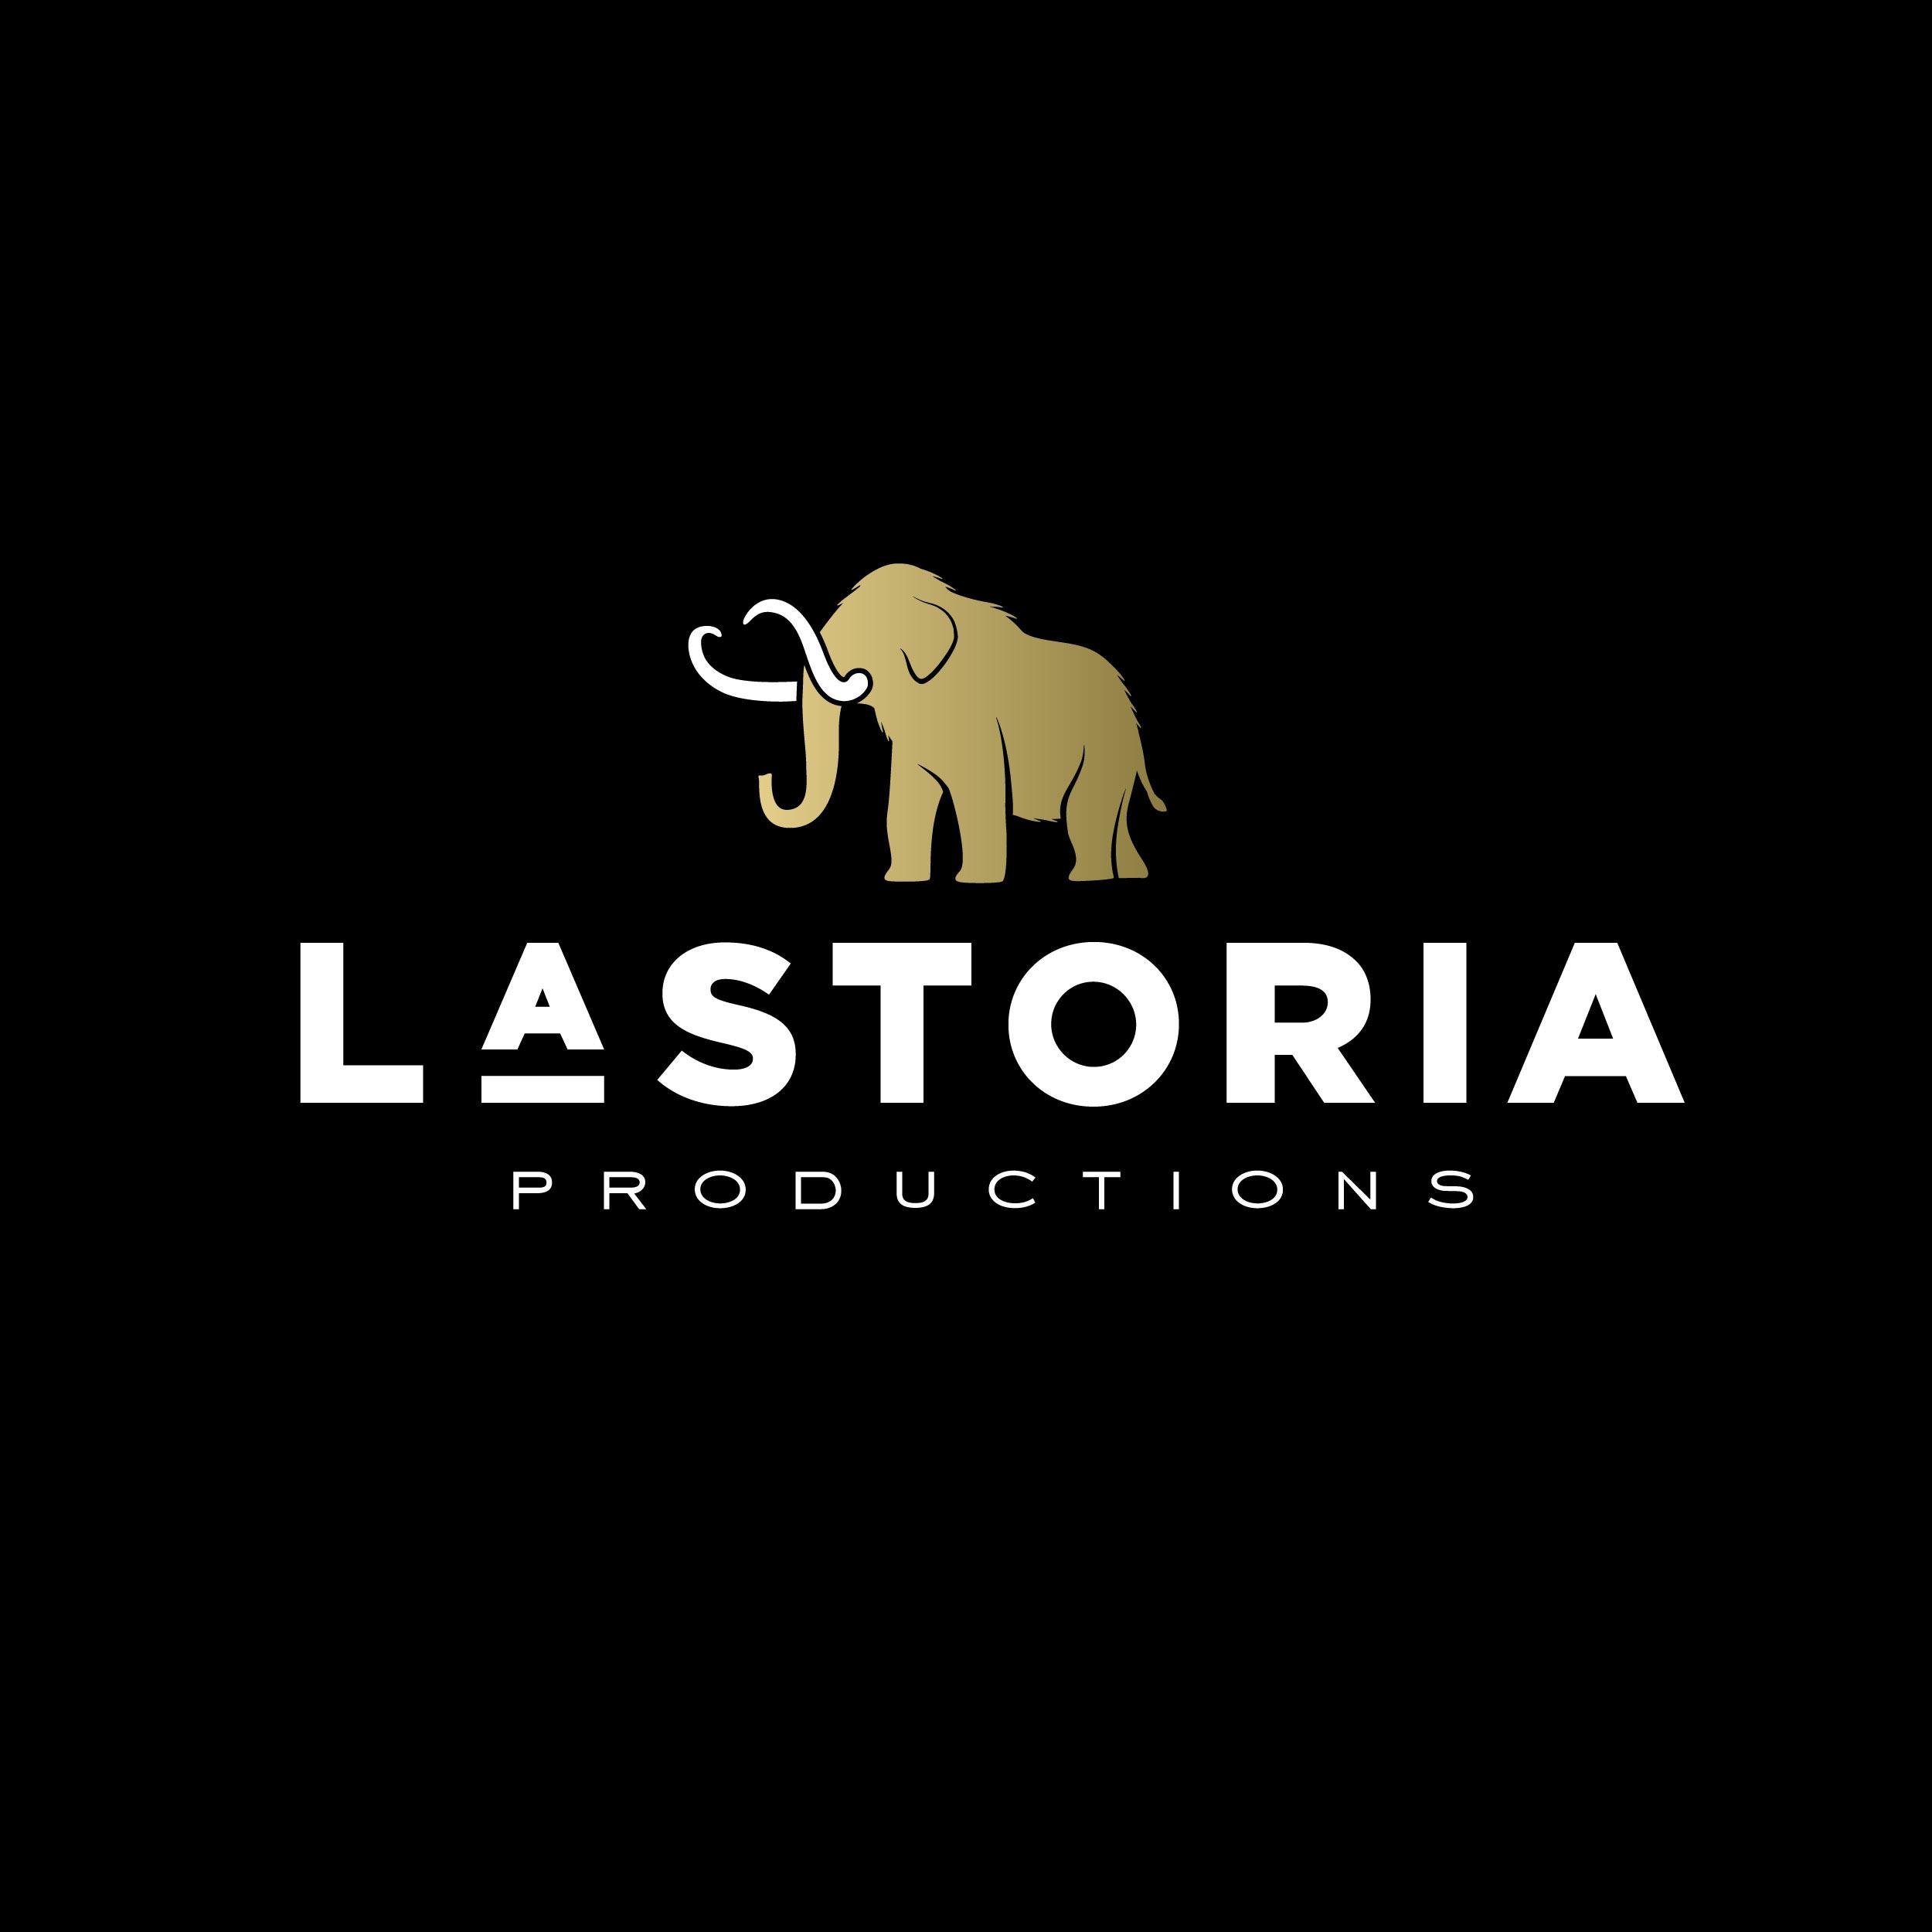 La Storia Productions